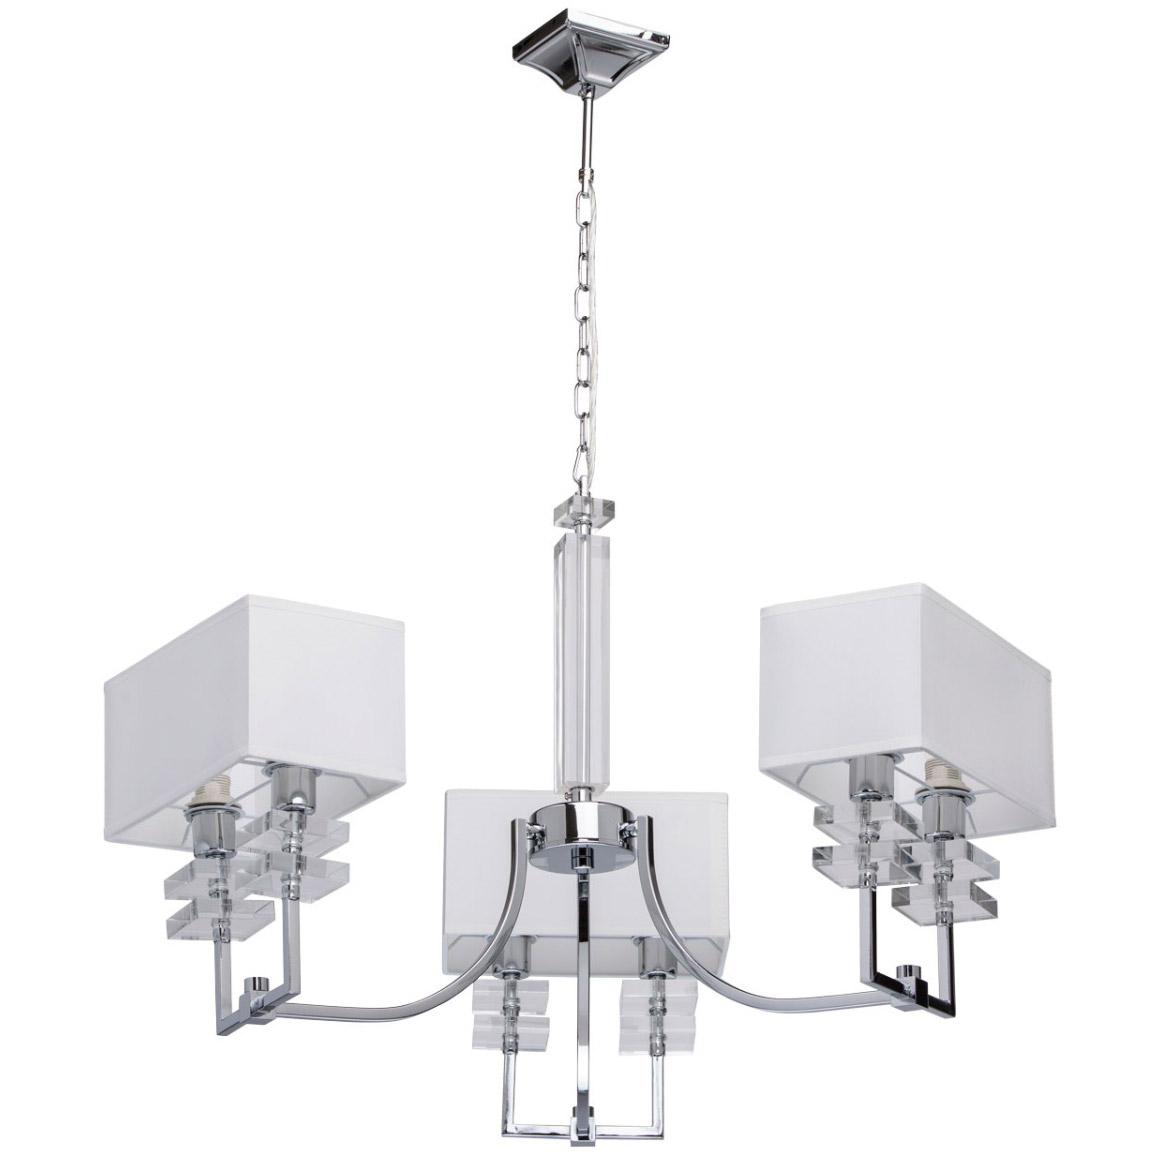 Lampa wisząca prostokątne, białe klosze, 3 ramiona, 6 żarówek MW-Light Megapolis